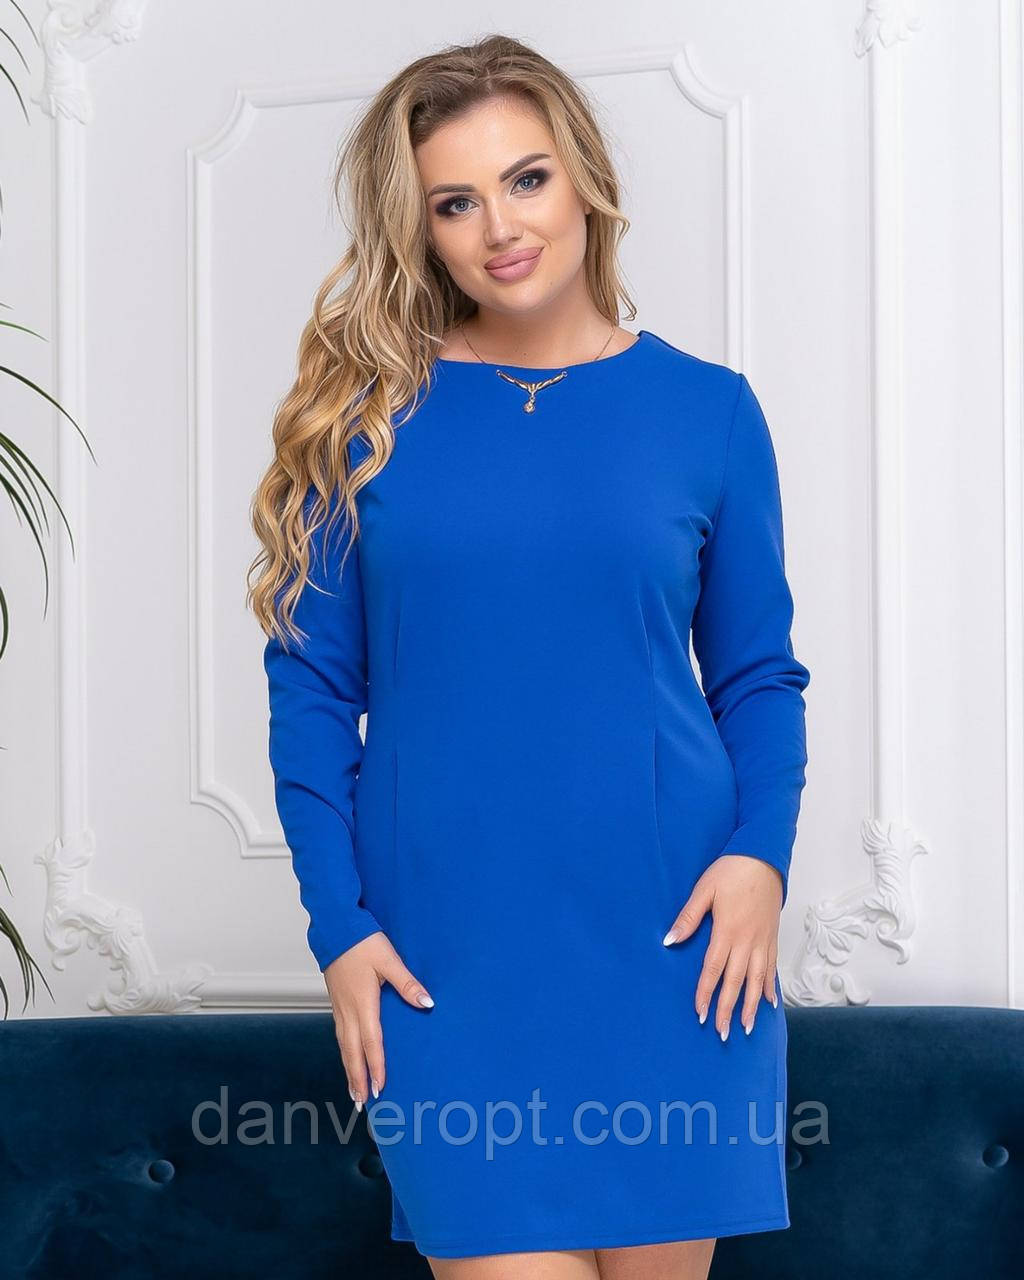 Платье женское модное однотонное размер 46-52 купить оптом со склада 7км Одесса